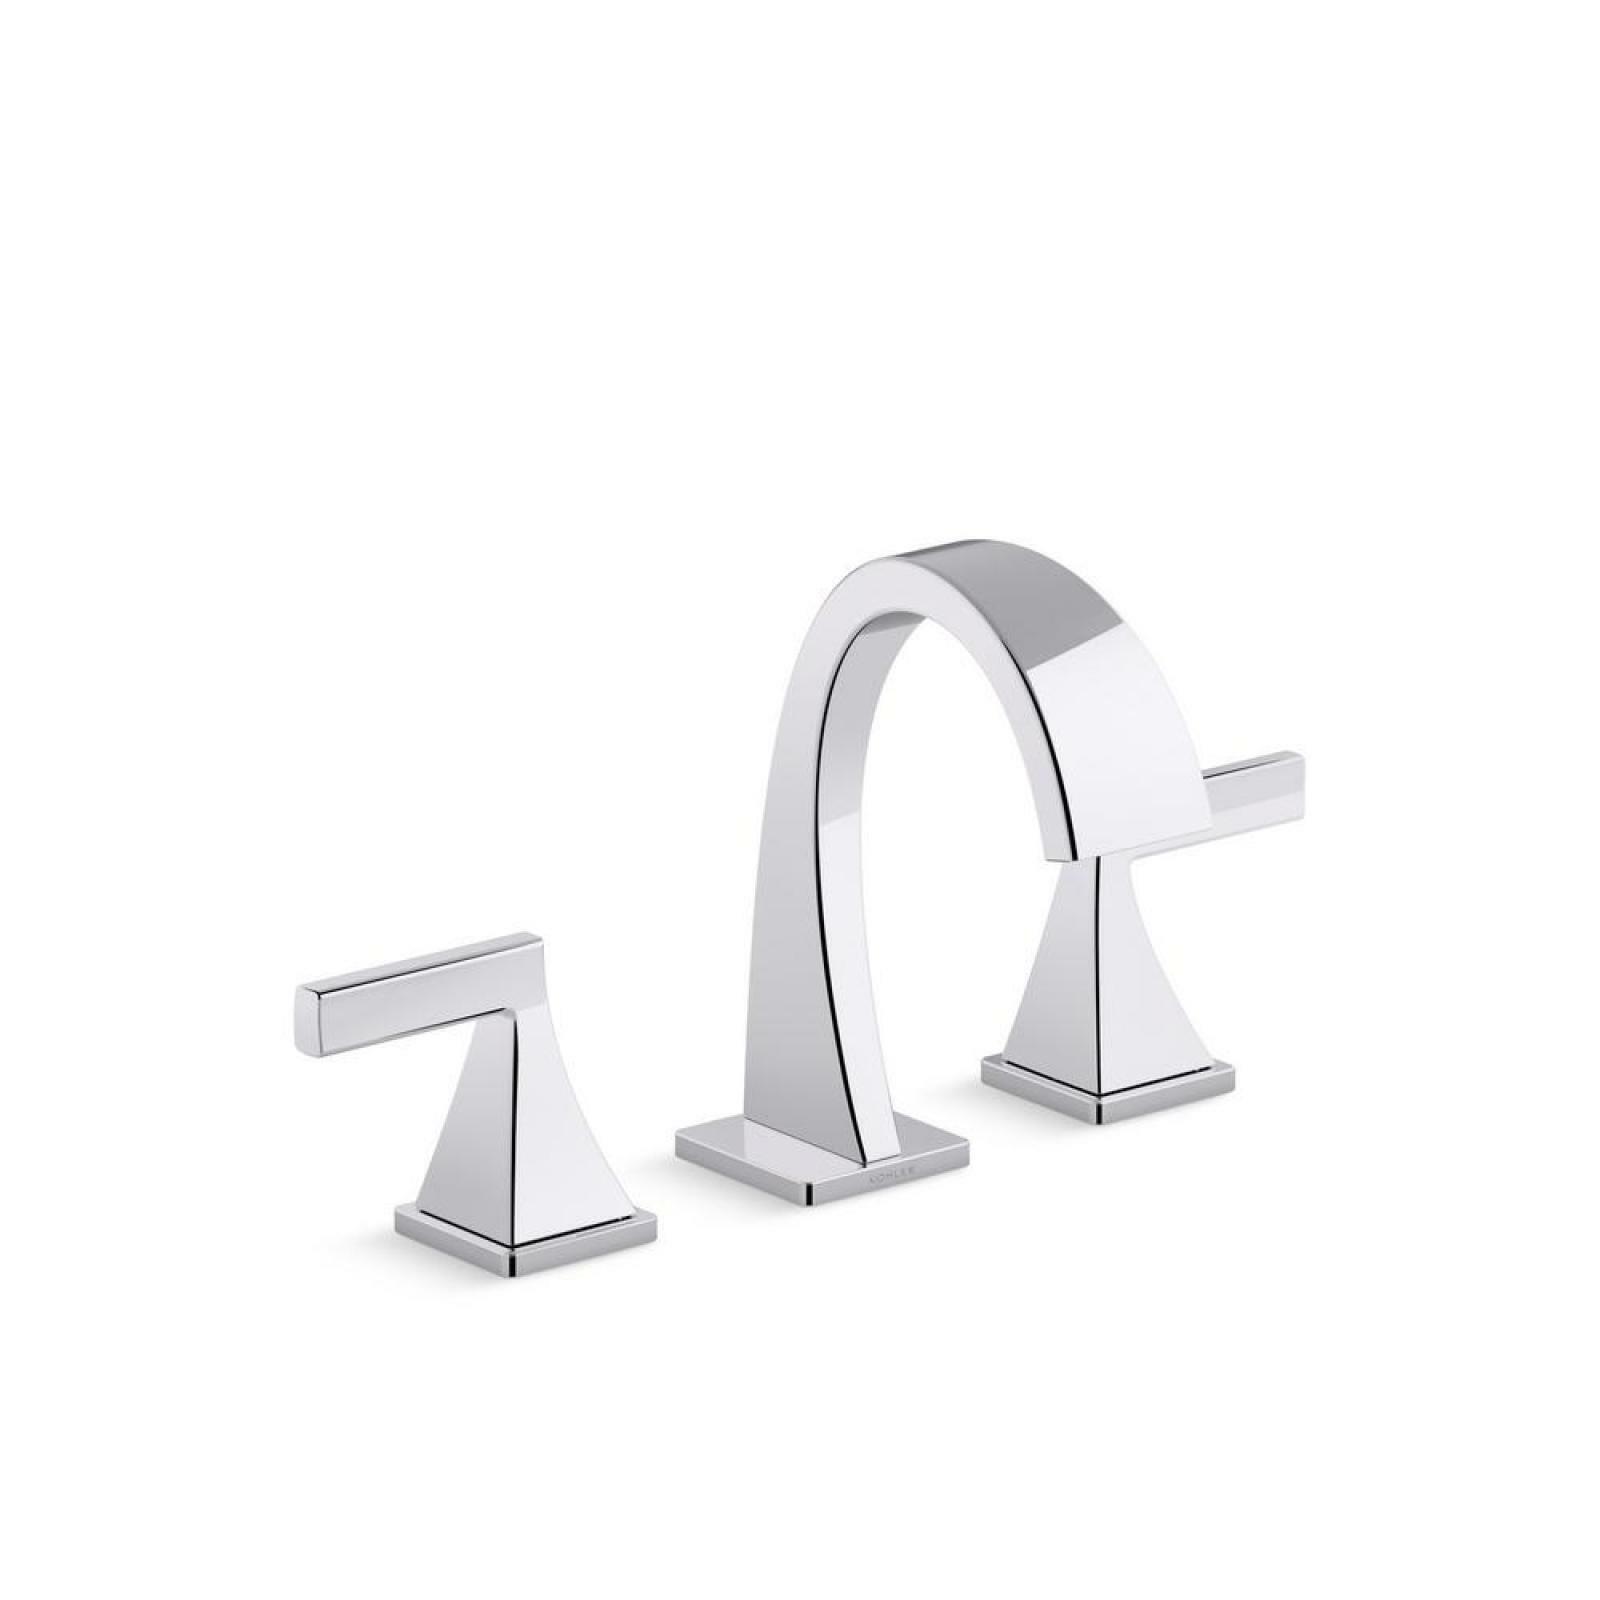 kohler bathroom sink faucet 1 2 gpm 8